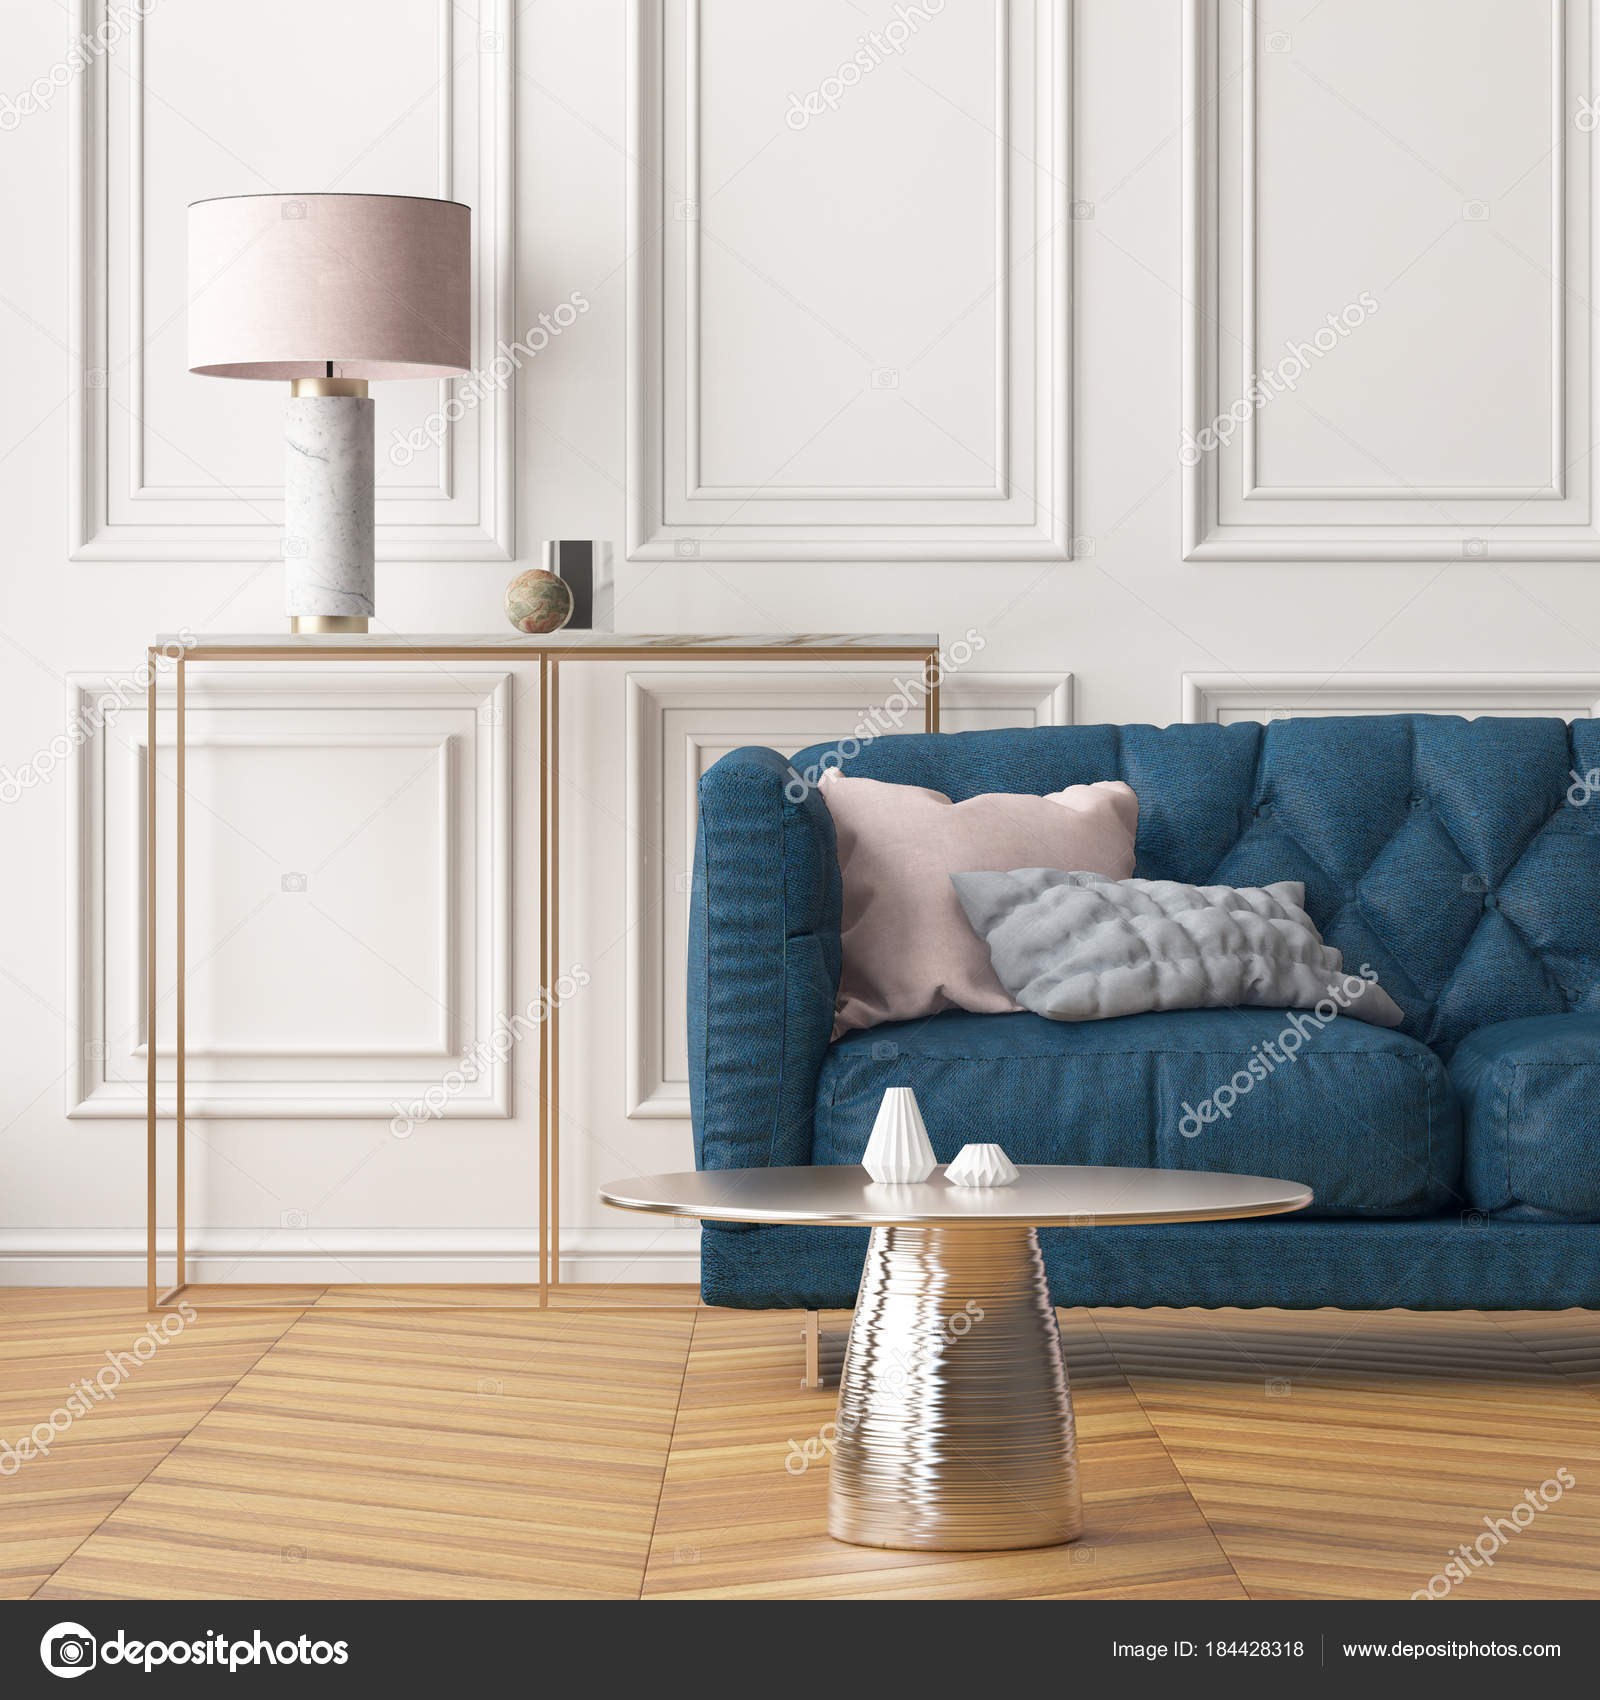 Décoration Moderne De Salon Avec Canapé Bleu Foncé Et Mur Blanc. Couleur  Tendance. 3Du2013 Images De Stock Libres De Droits